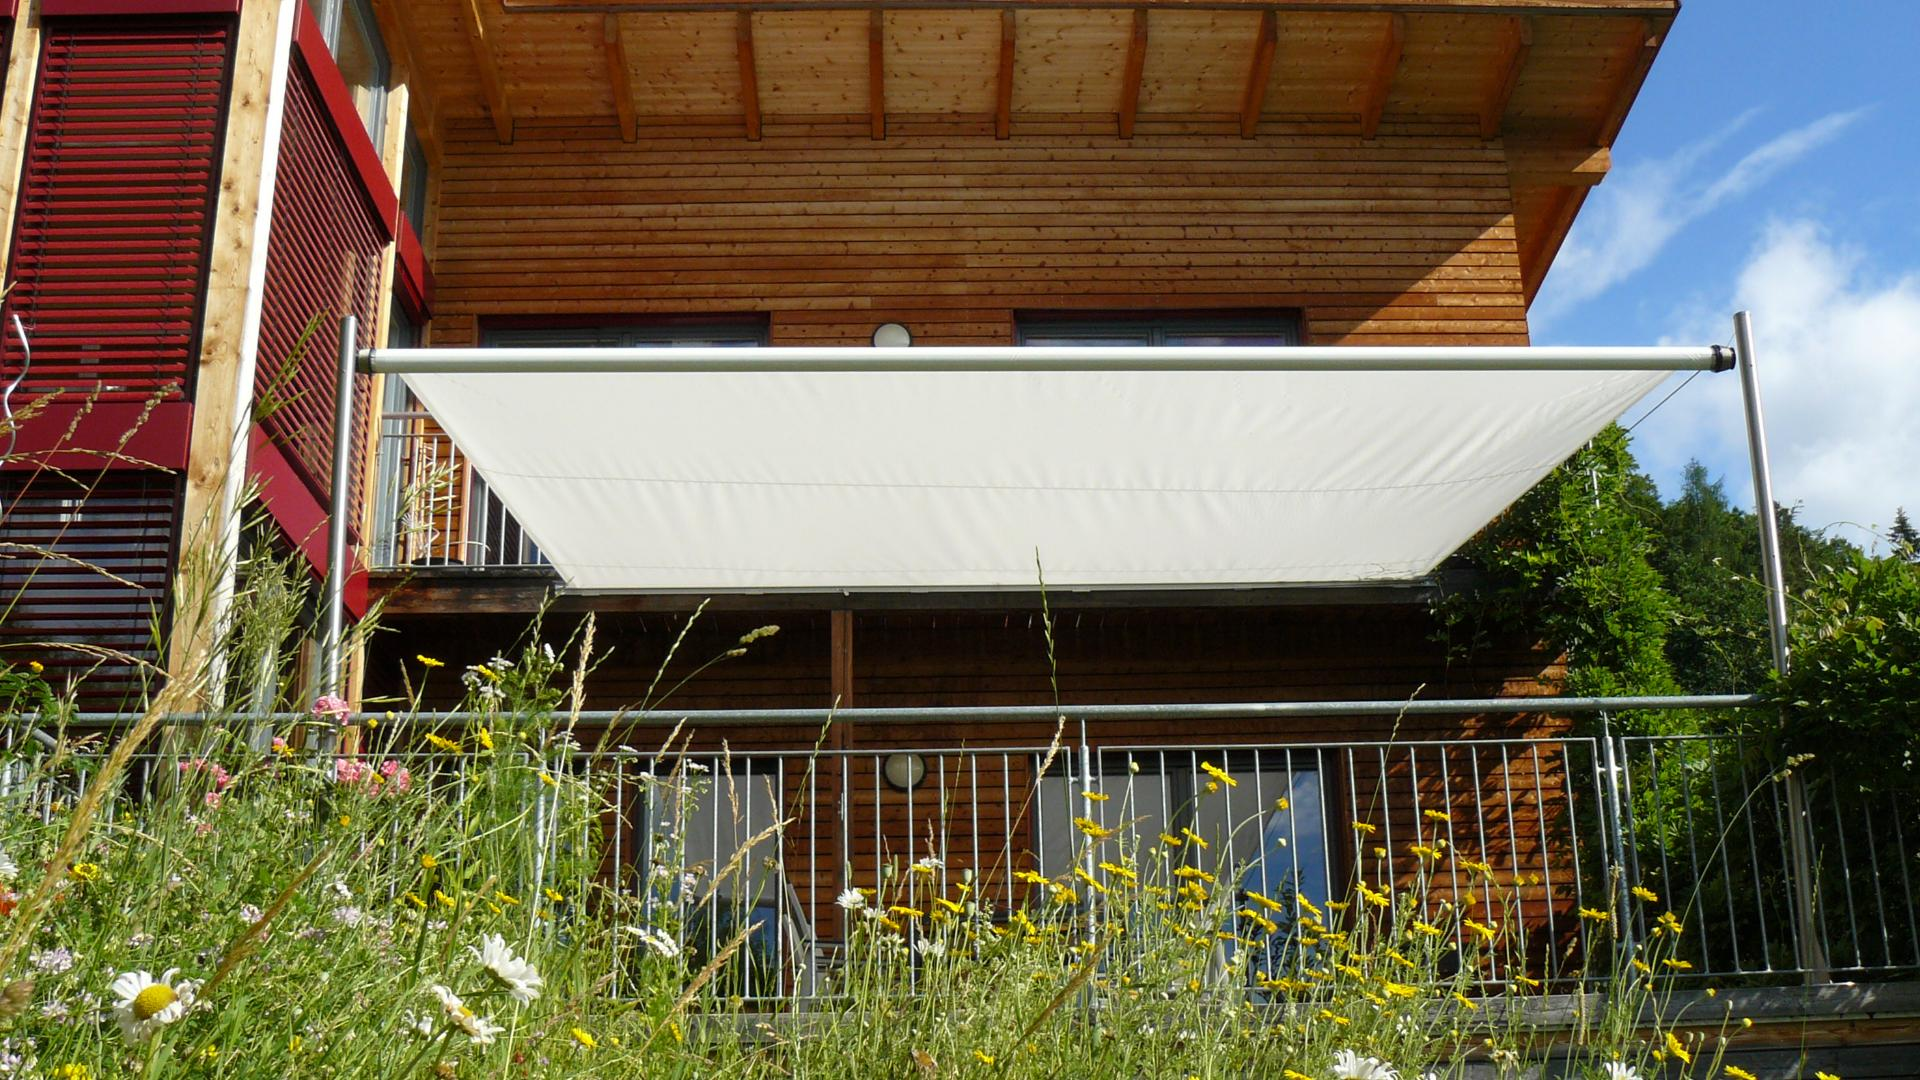 Sonnensegel auf einer Terrasse